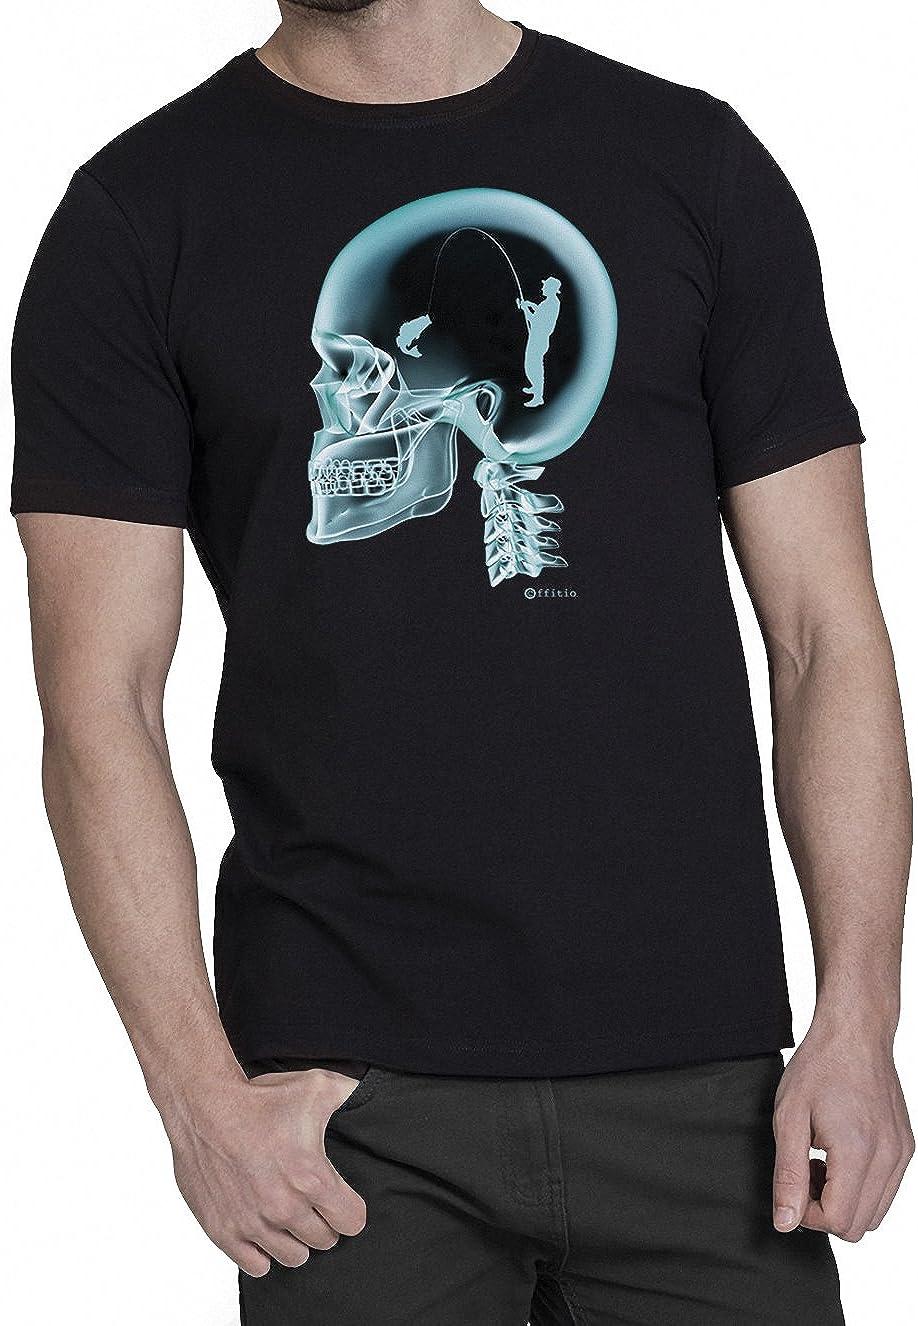 Fishing pesca En El Cerebro X-Ray Camiseta para hombre T-Shirt: Amazon.es: Ropa y accesorios